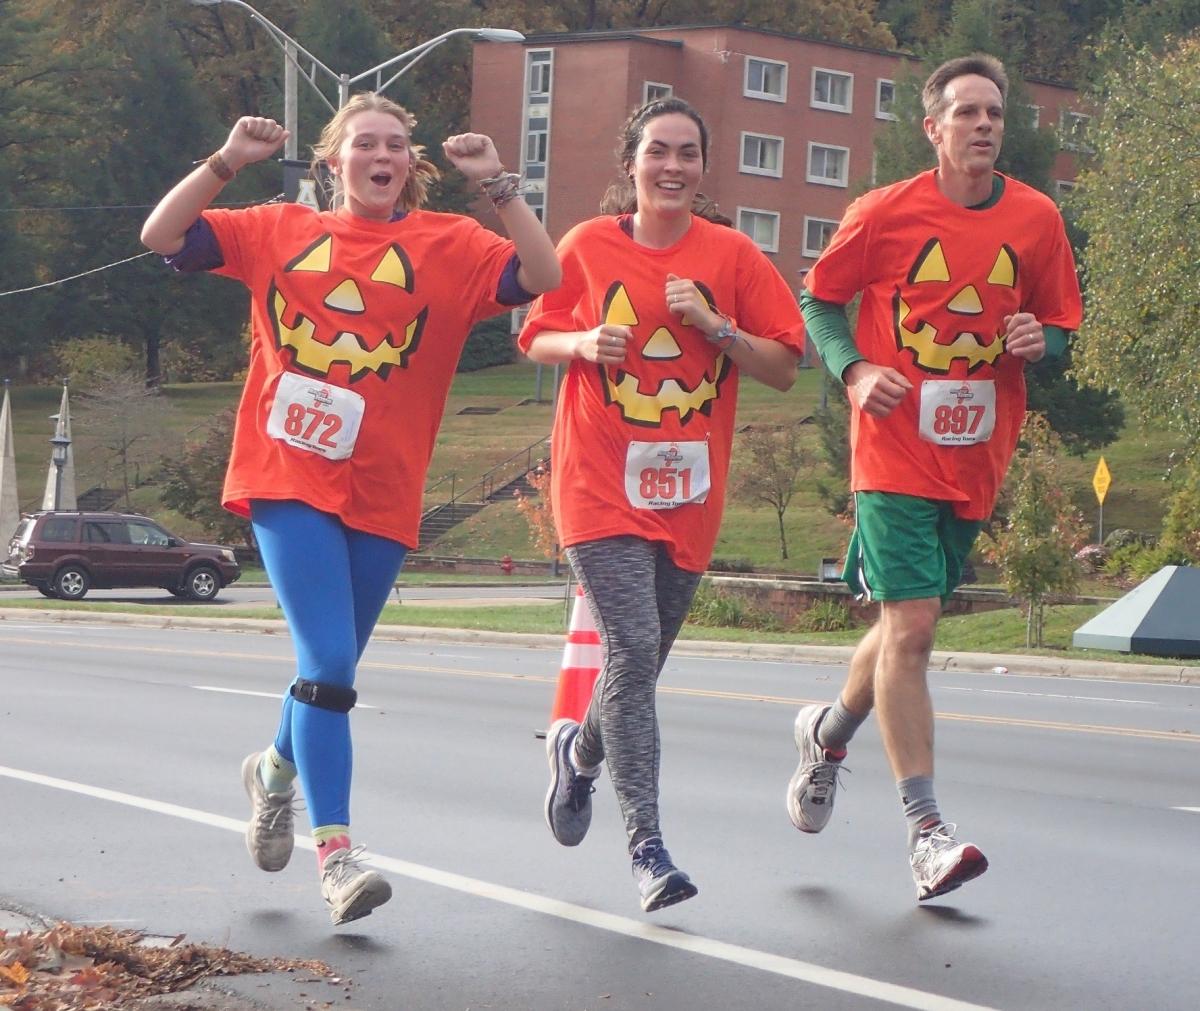 Spooky Duke 5K Participants